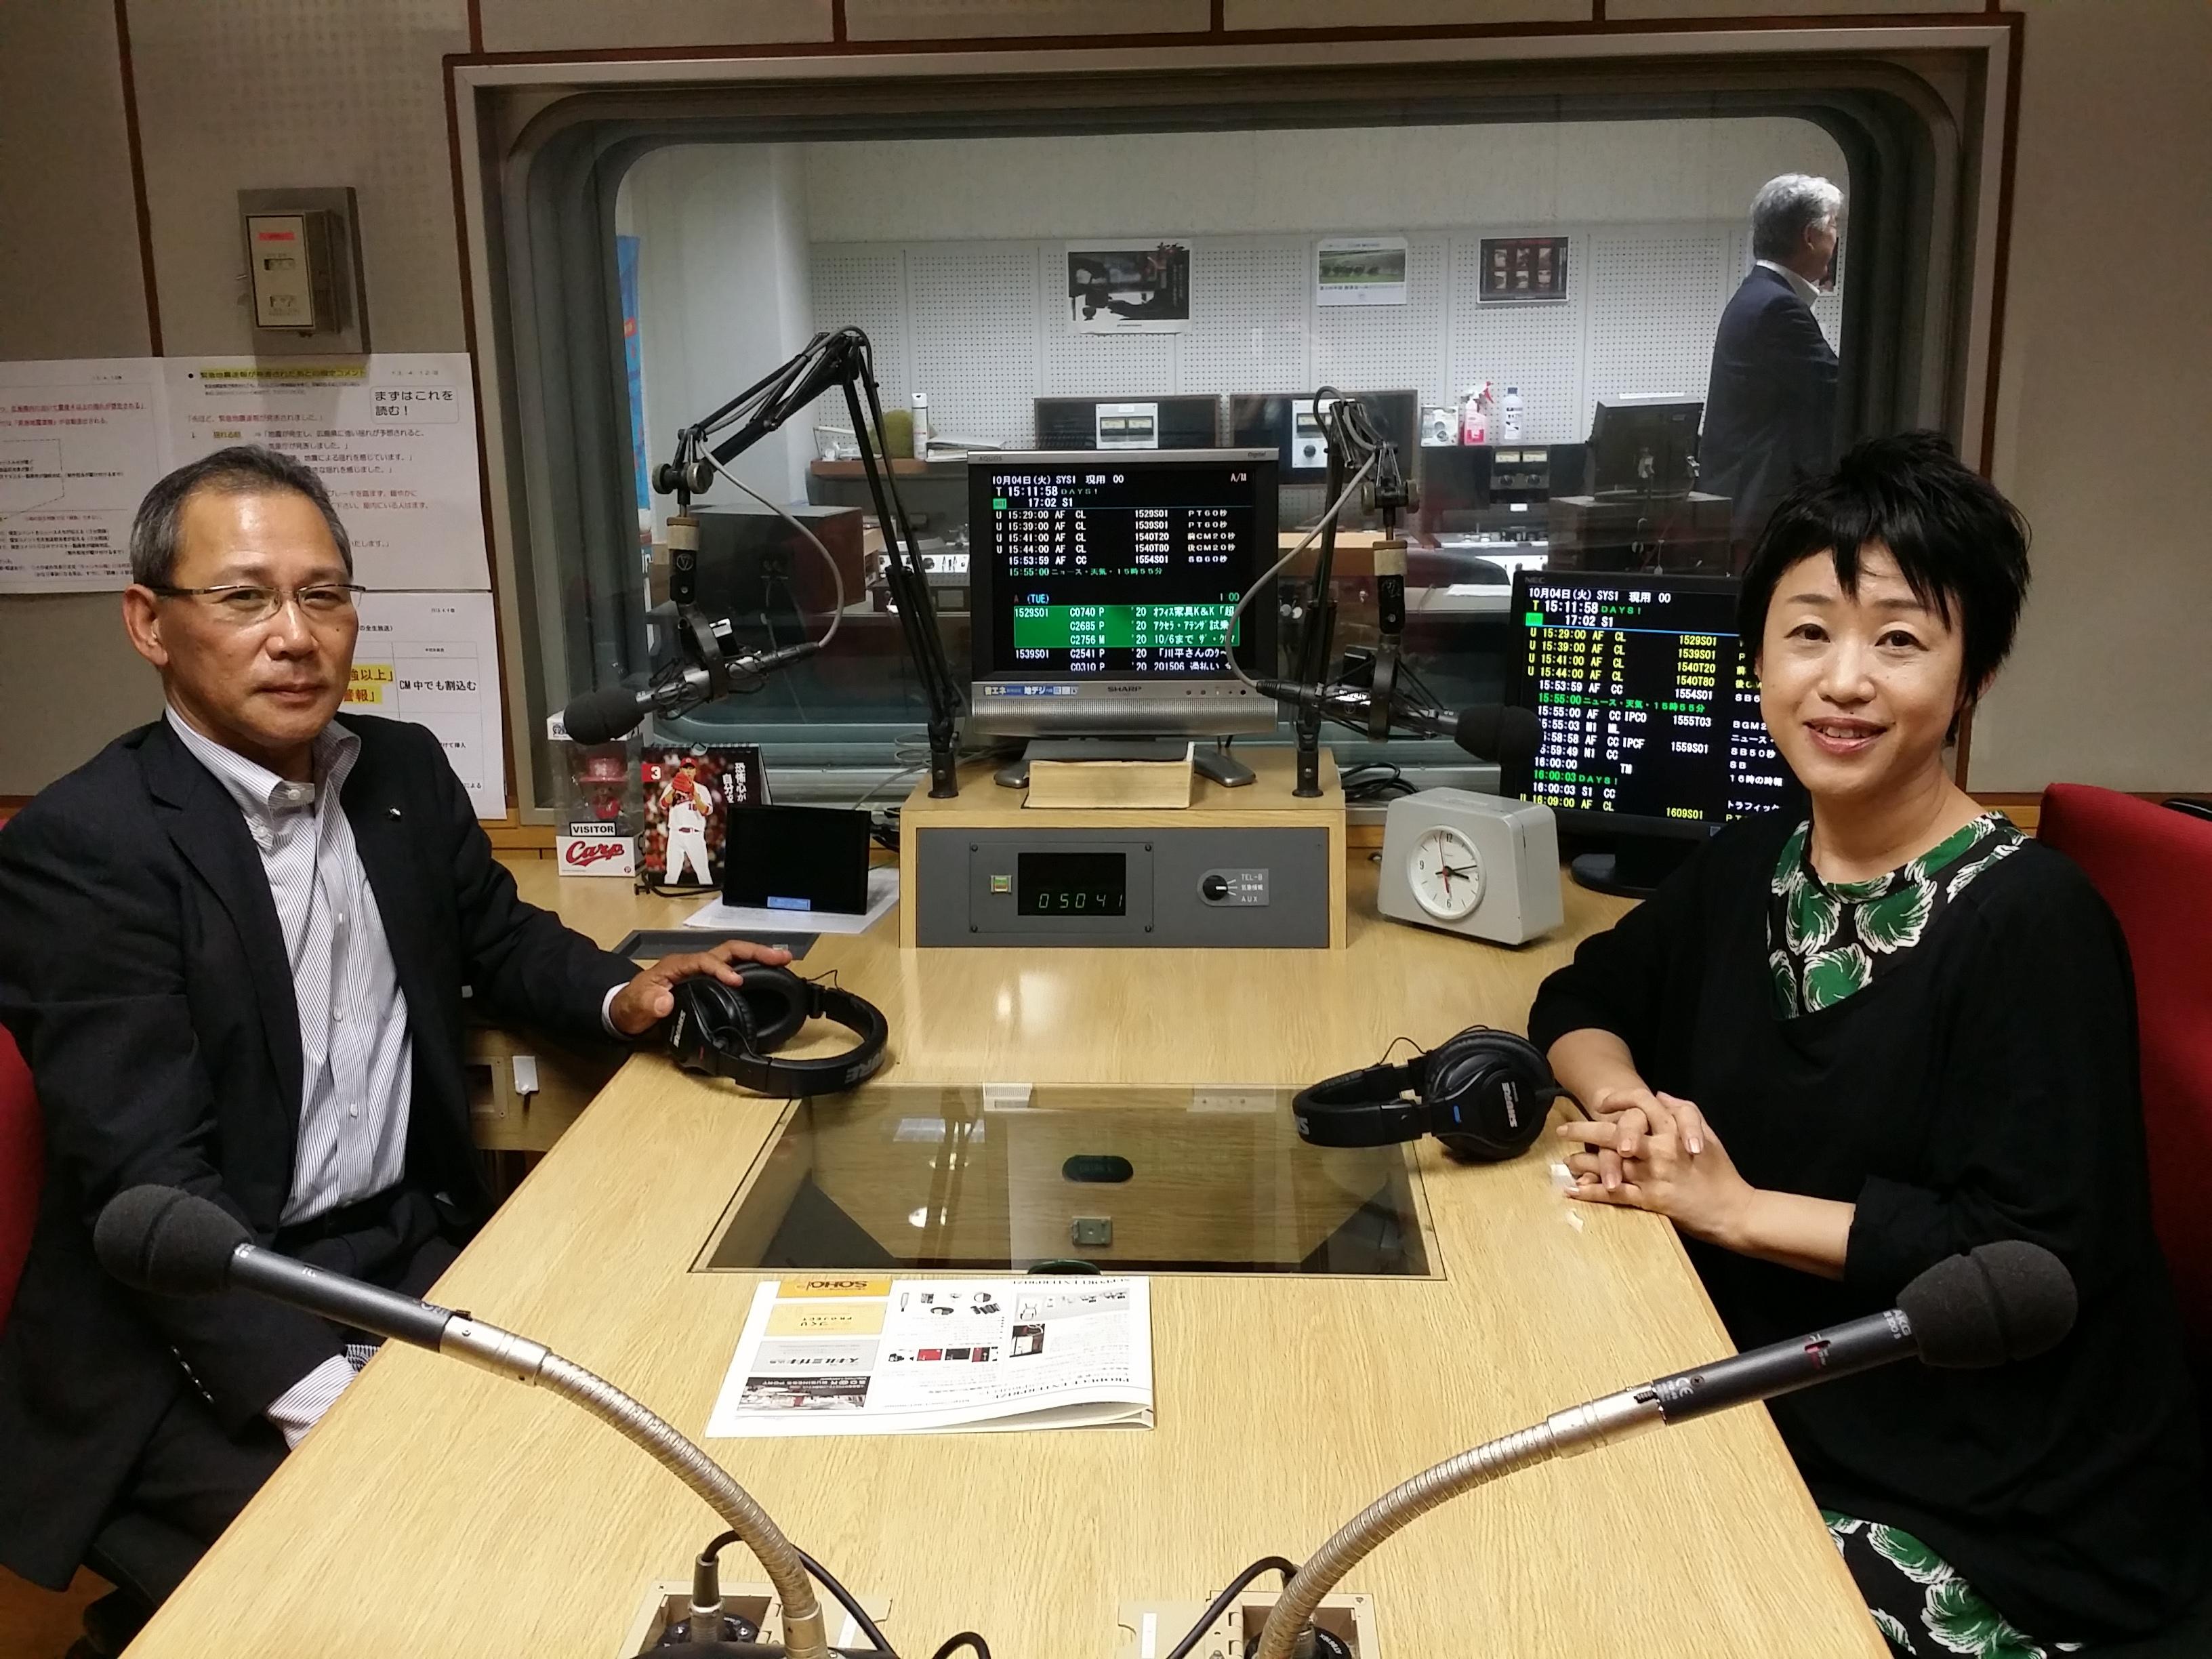 第21回ゲスト 株式会社ソアラサービス 代表取締役社長 牛来千鶴さん